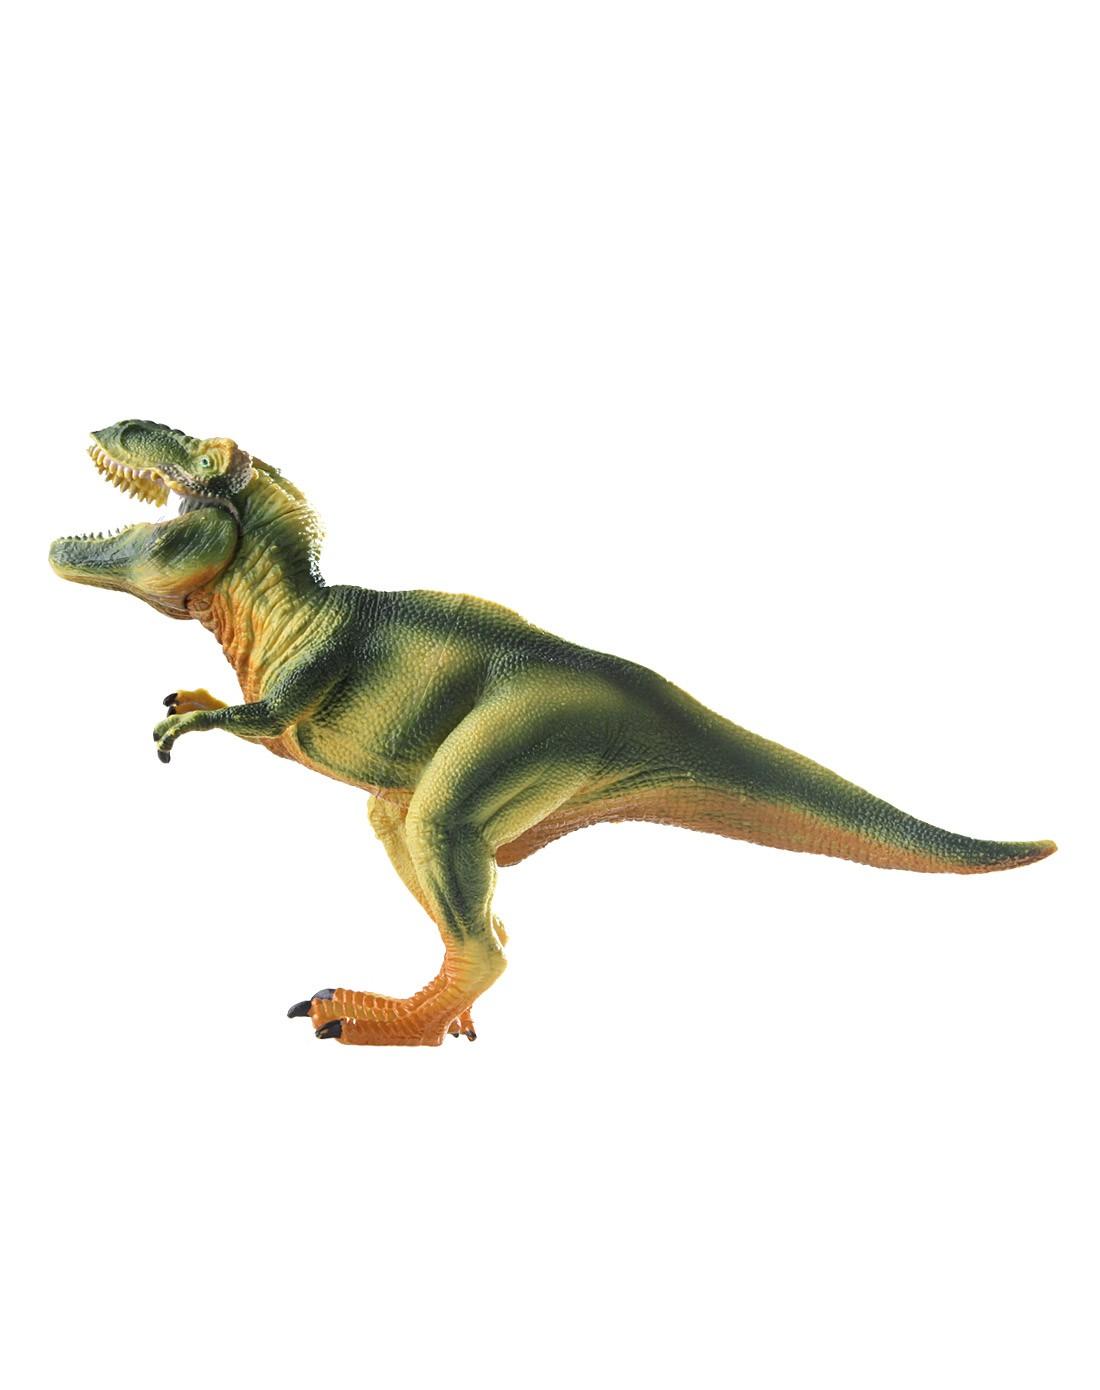 恐龙世界-霸王龙hsd002-1